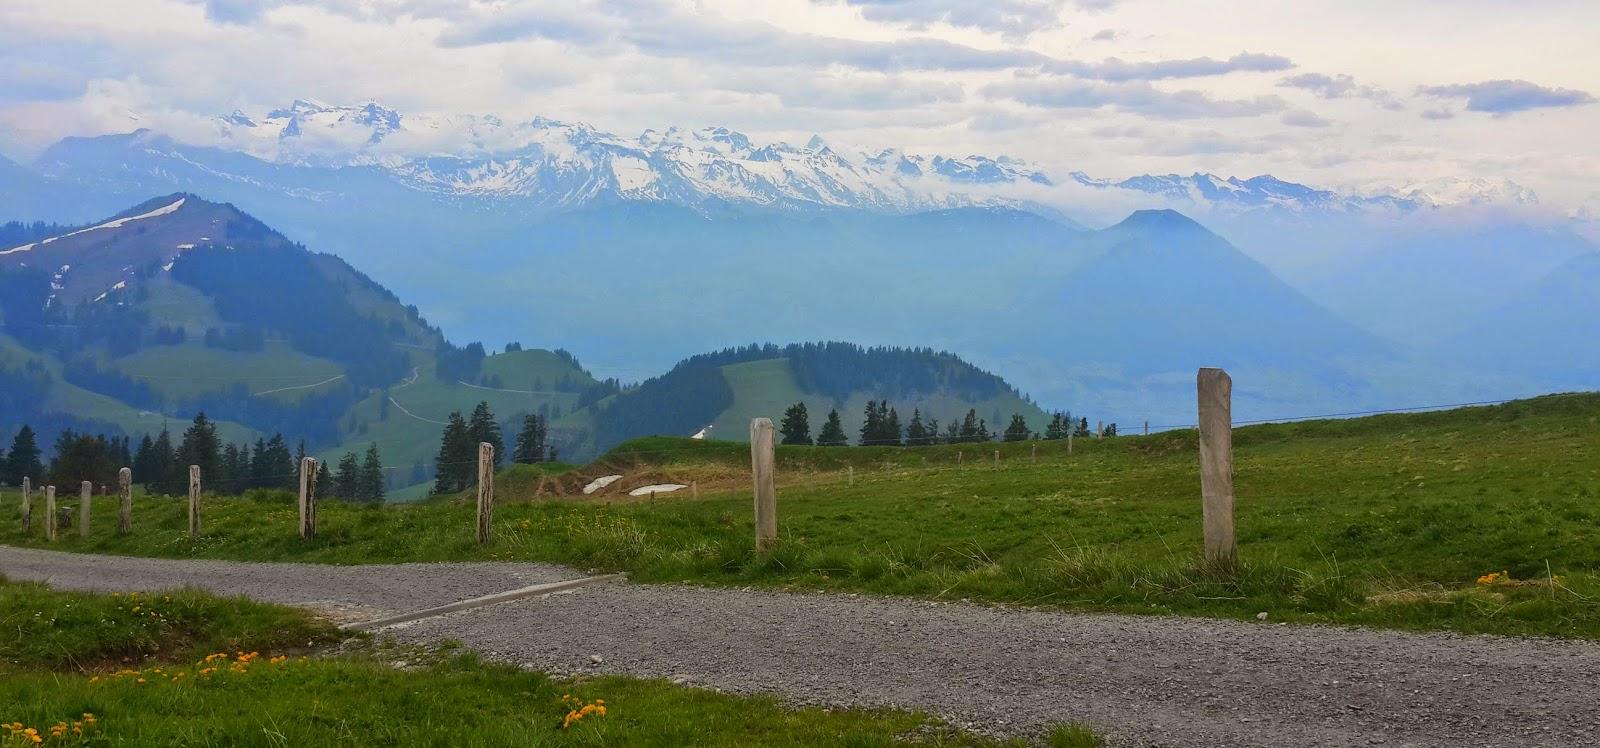 hiking trails in switzerland